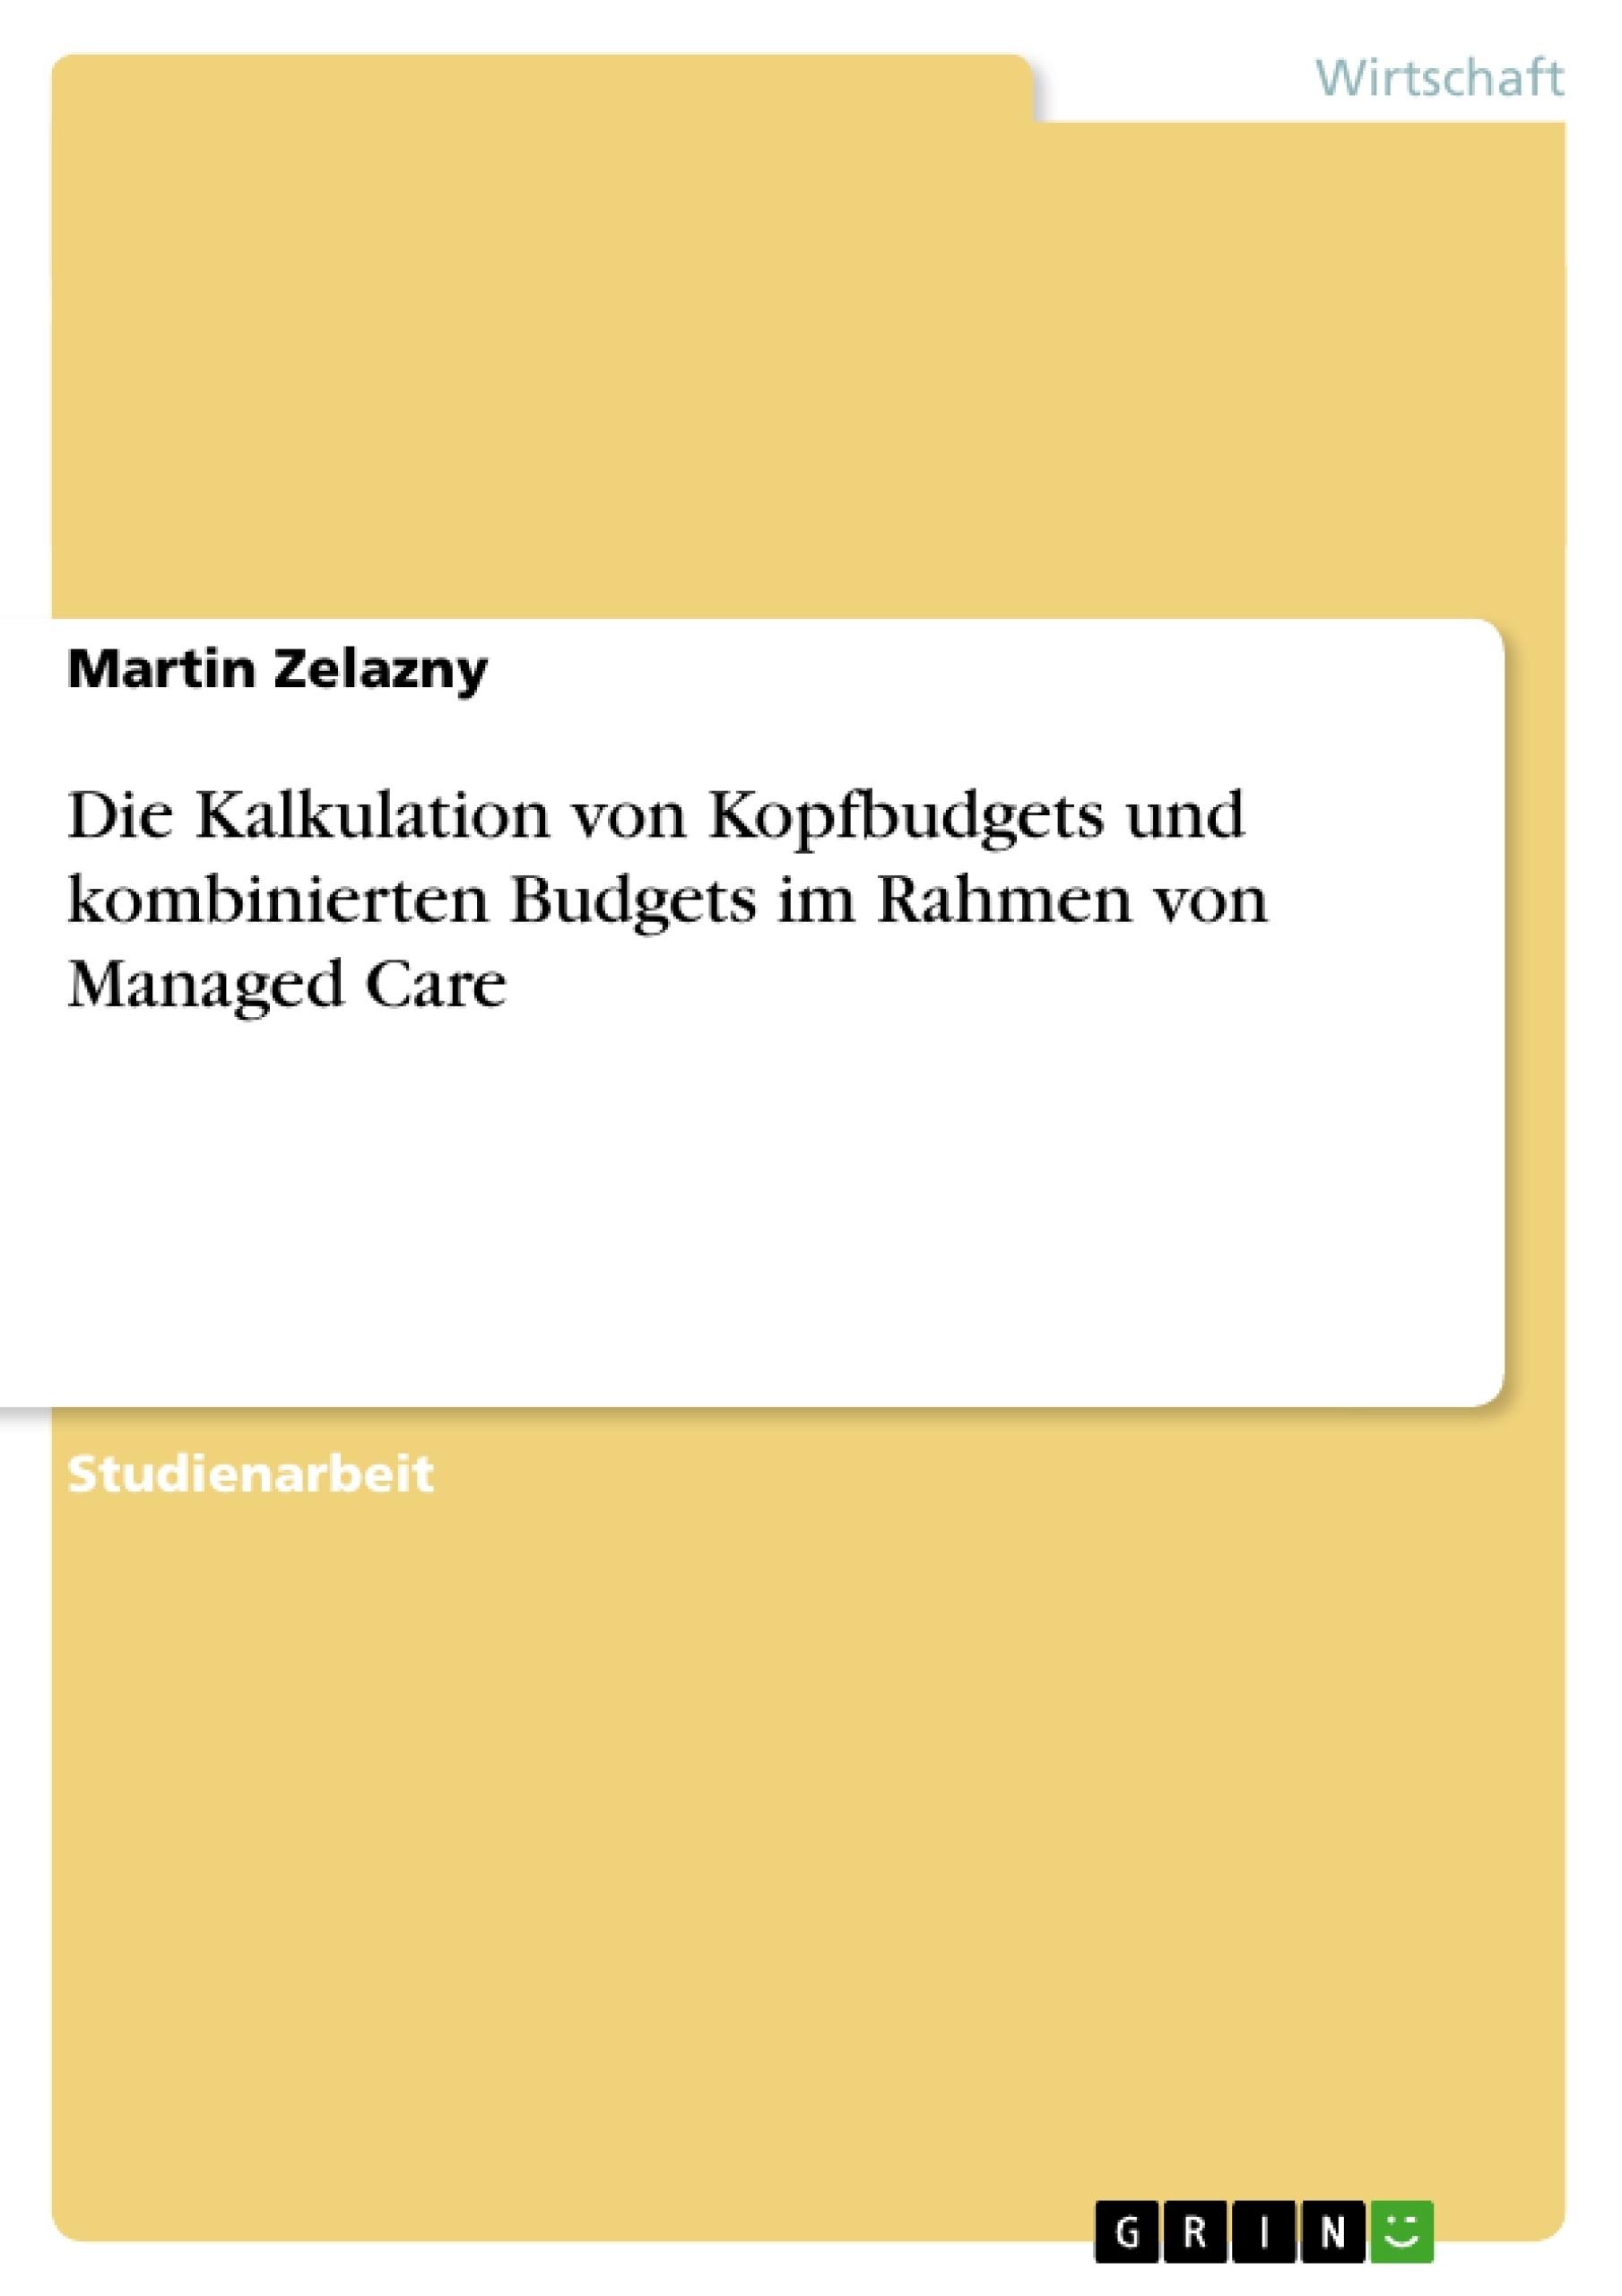 Titel: Die Kalkulation von Kopfbudgets und kombinierten Budgets im Rahmen von Managed Care